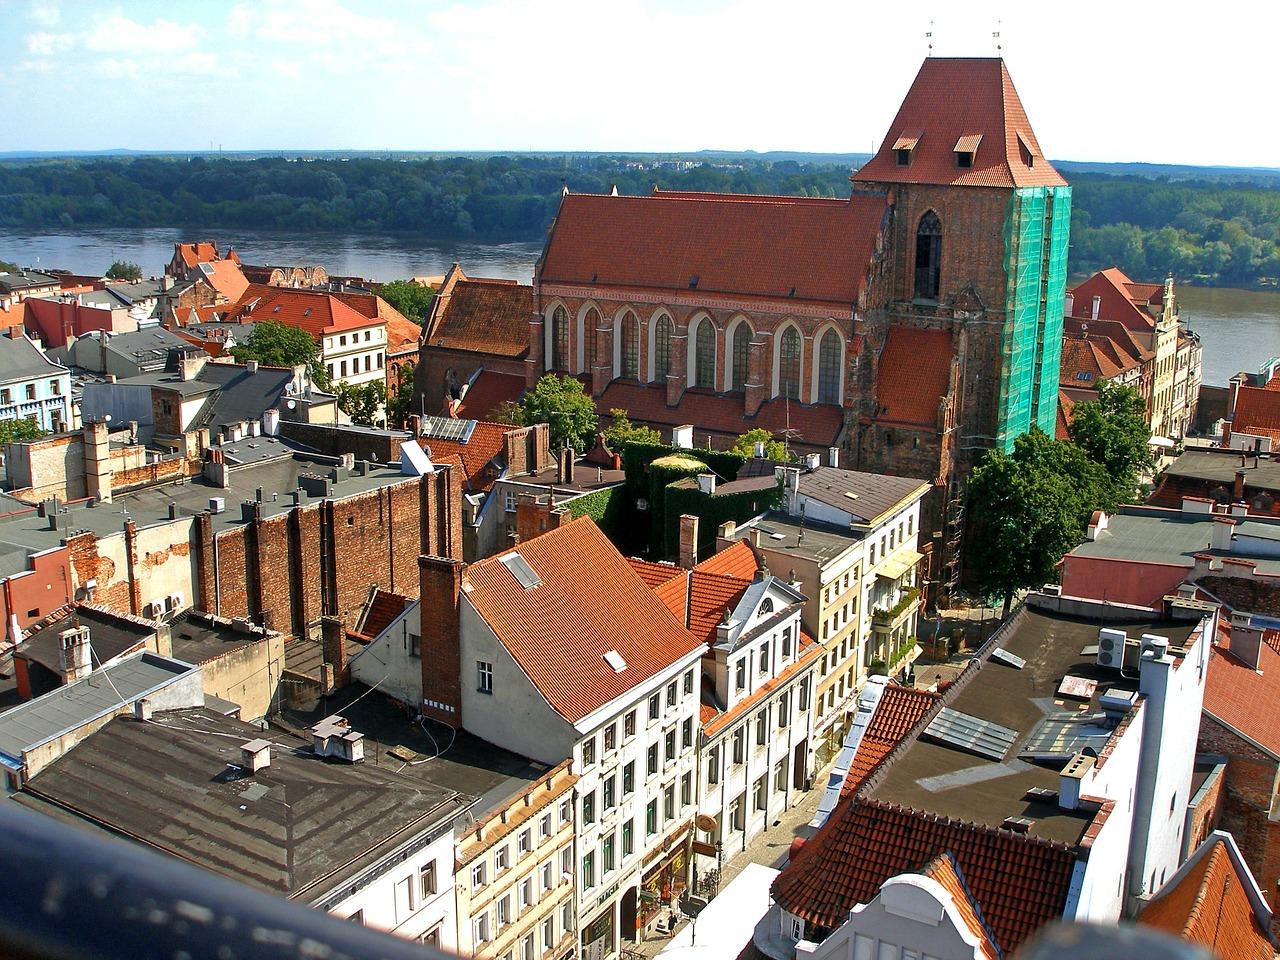 Chwilówki Pożyczki Szybko bez bik krd Toruń